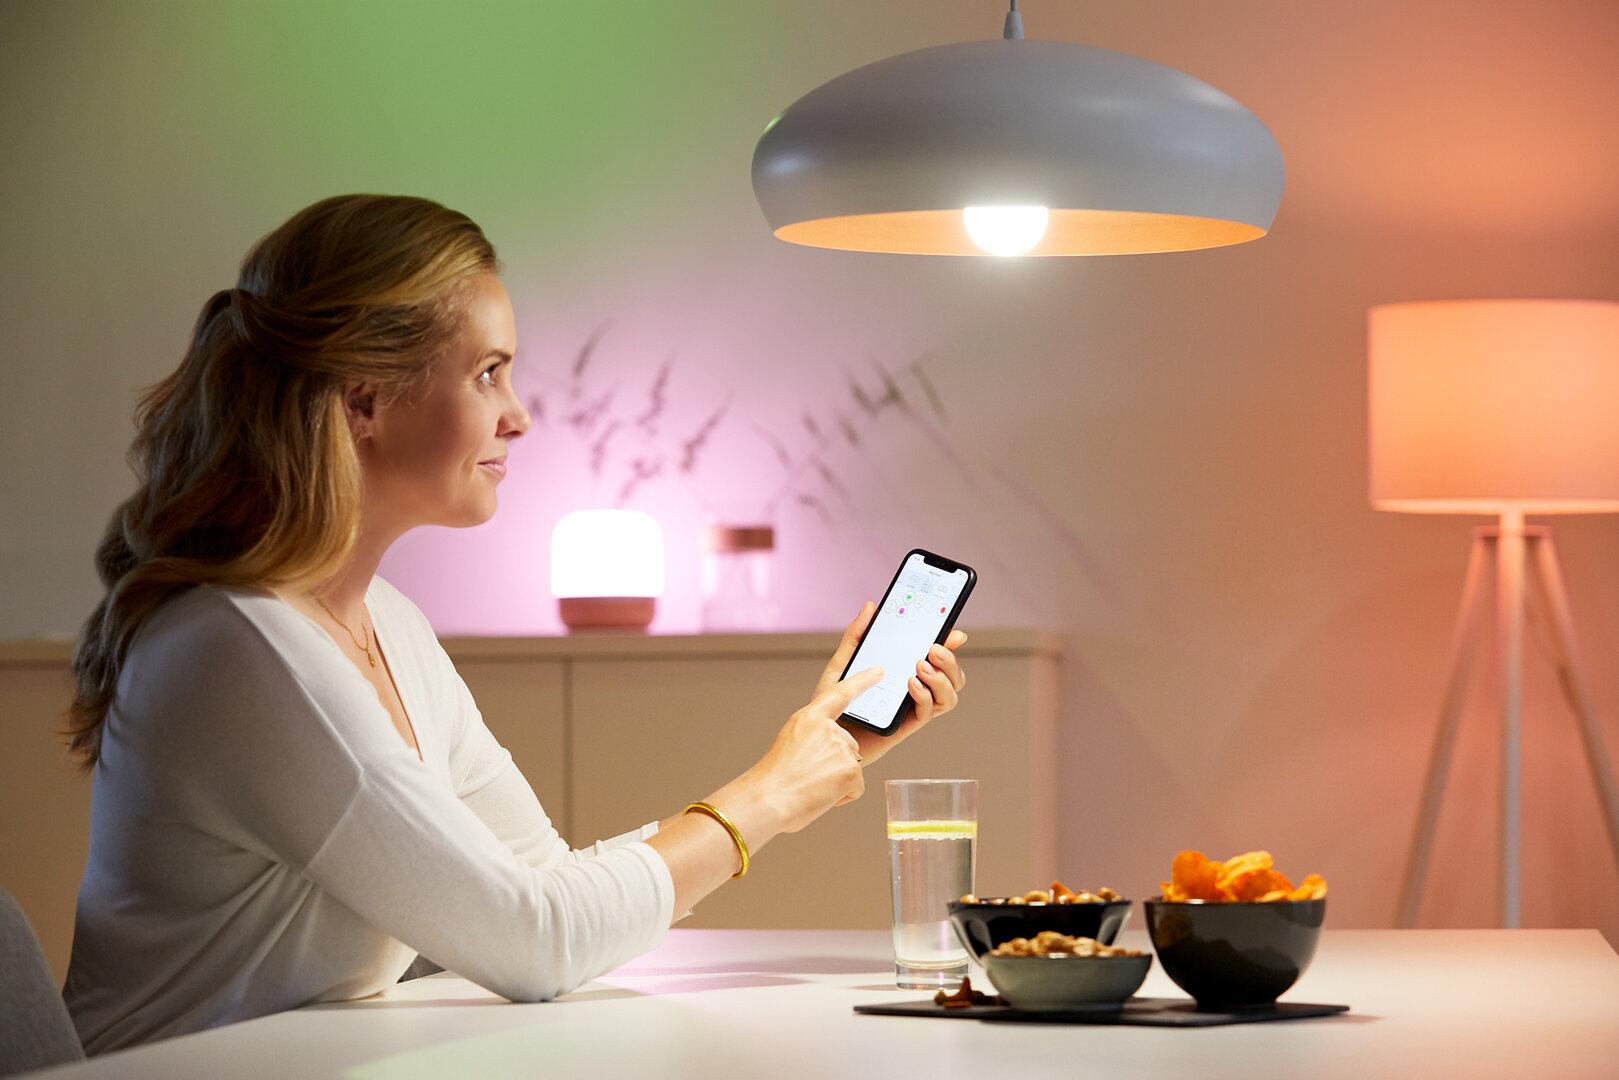 WiZ – Smartes Beleuchtungssystem